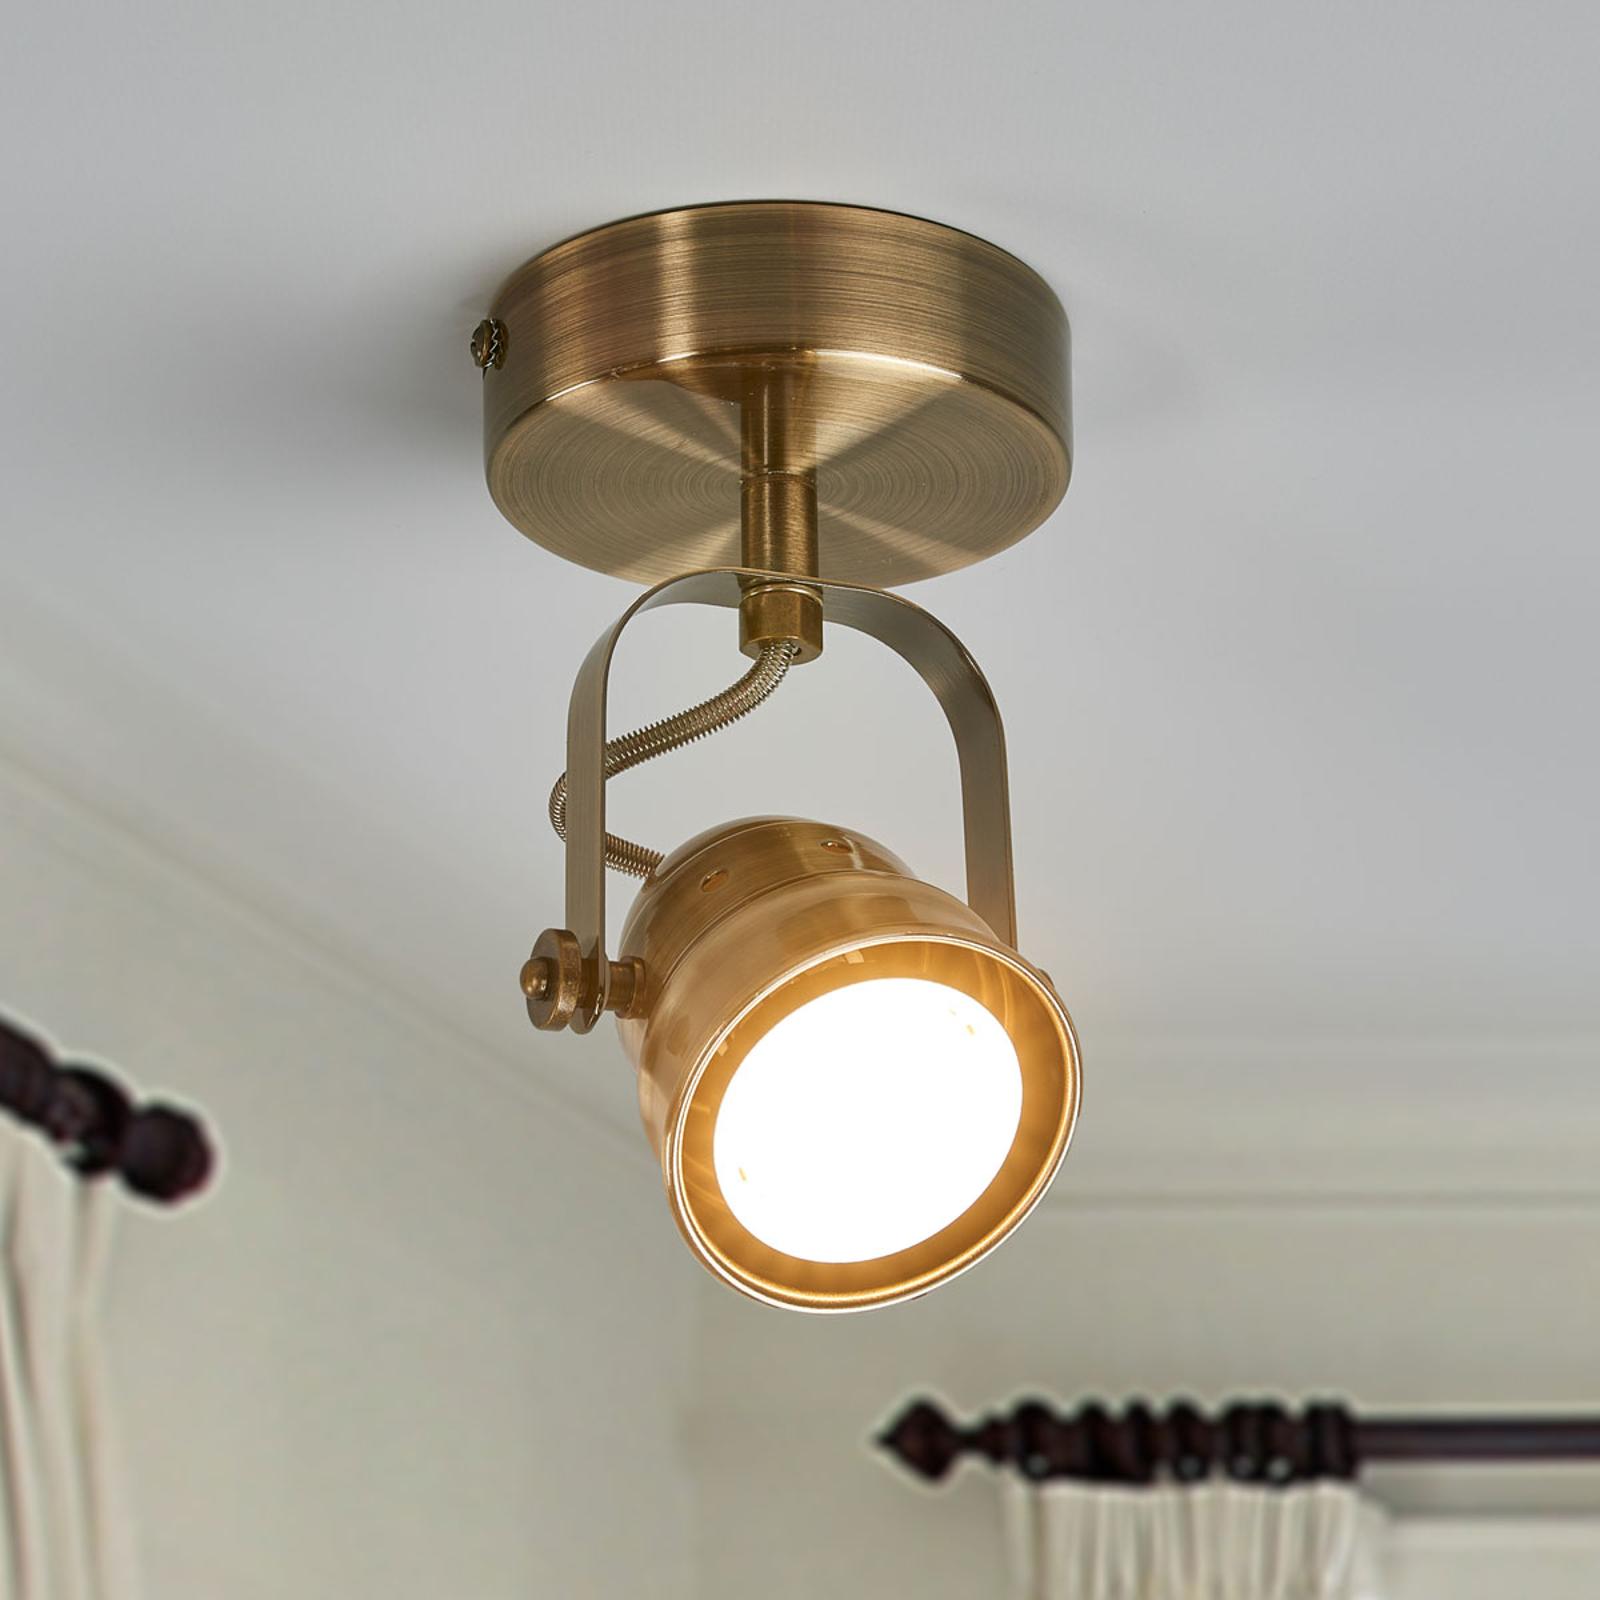 LED nástěnné svítidlo Leonor, patinovaná mosaz